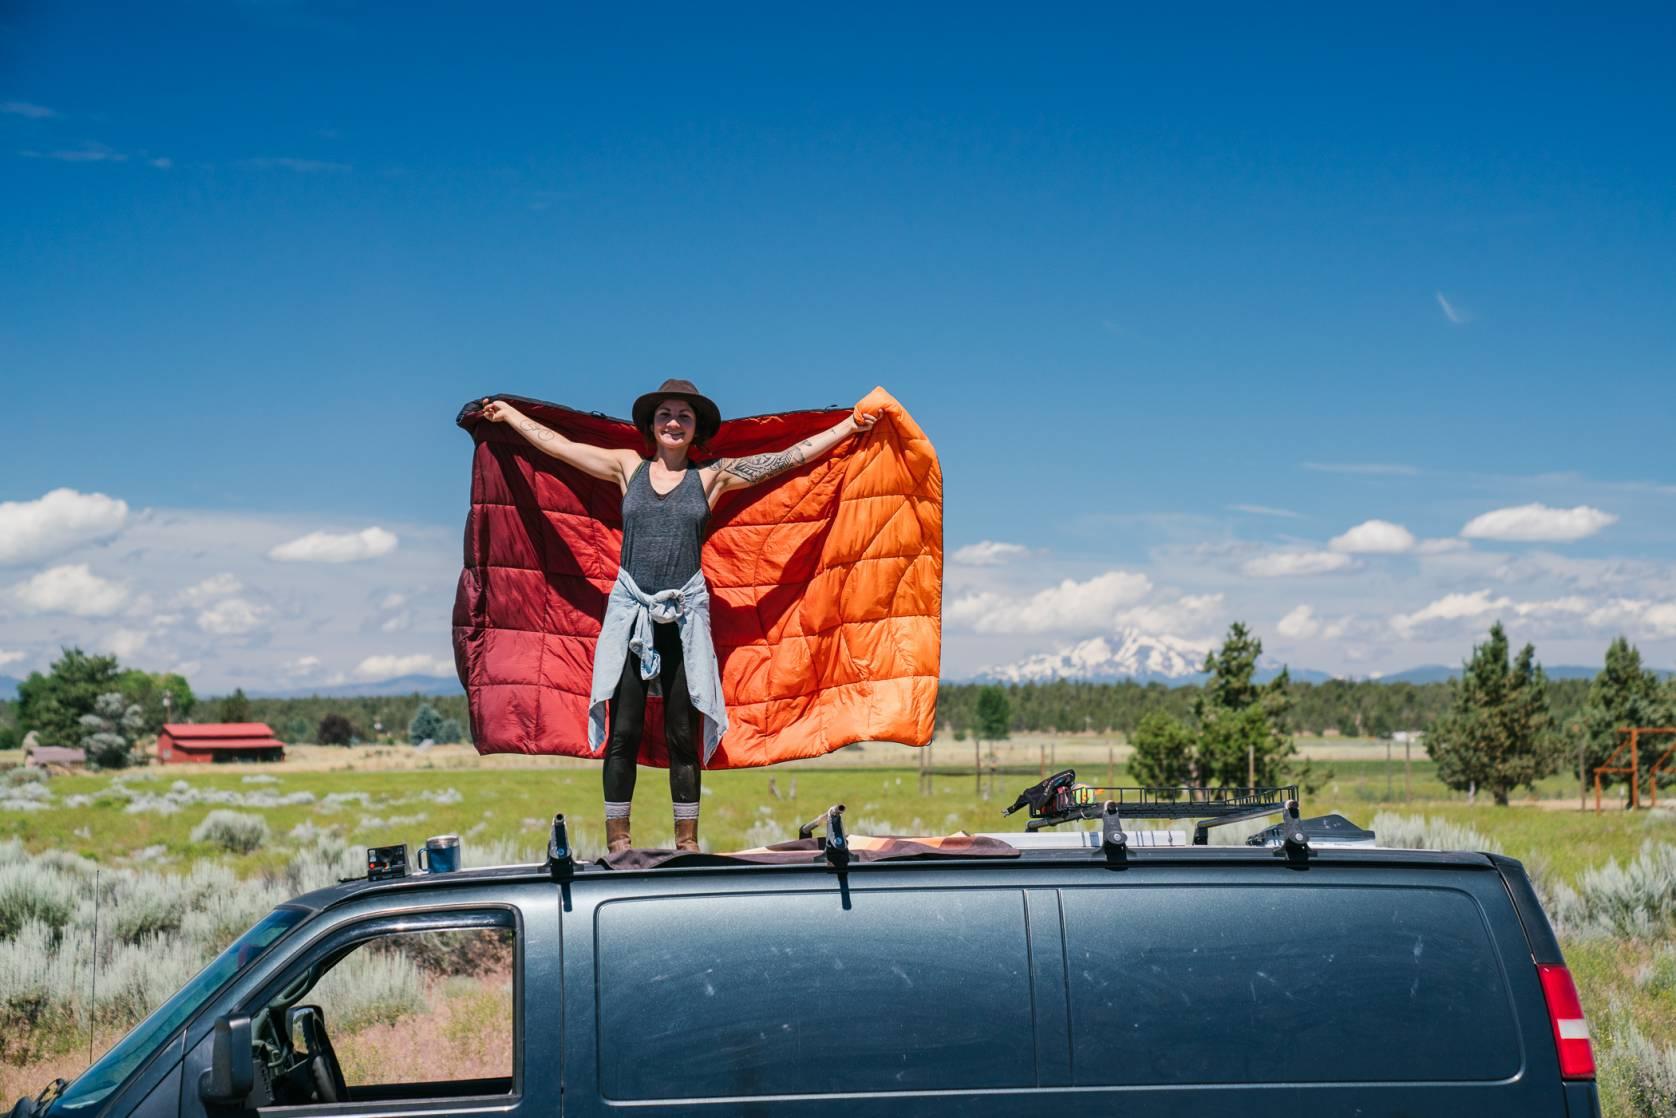 Rumpl Nanoloft Puffy Blanket Mountain on Van